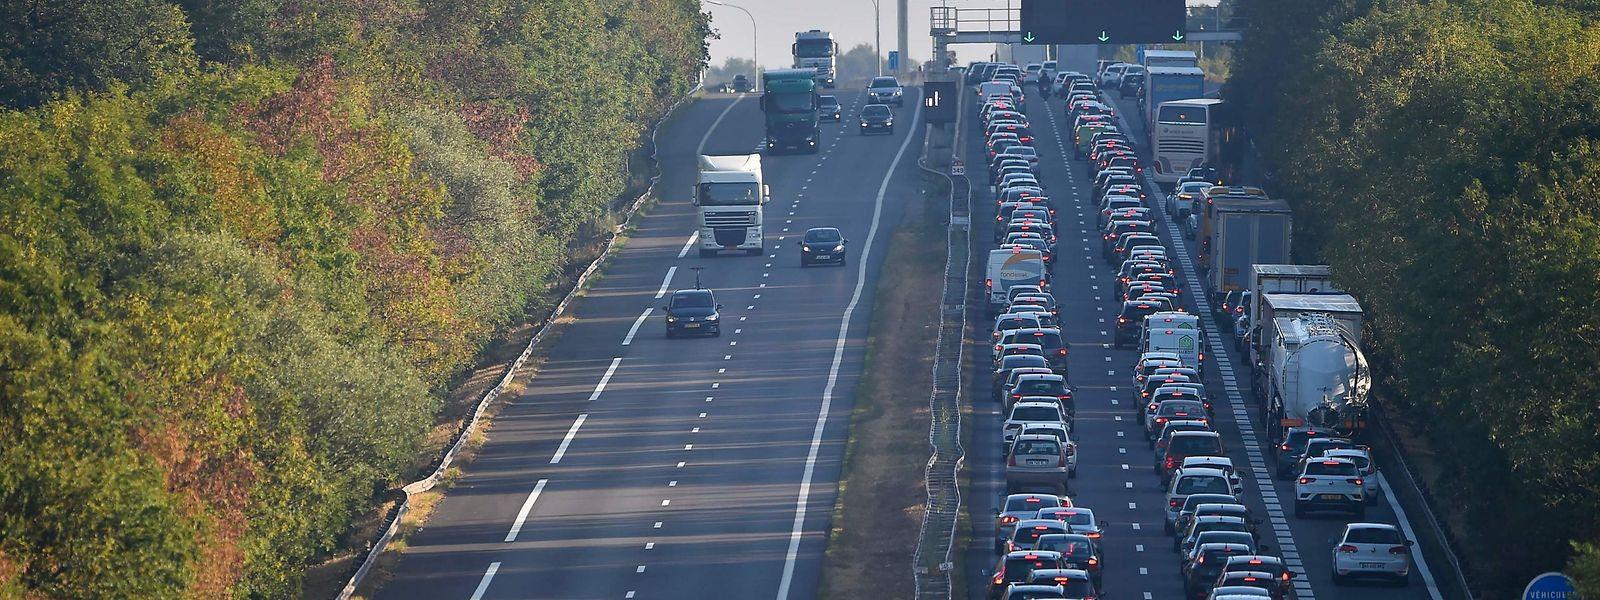 La France concentre 52% des 182.000 frontaliers du Luxembourg. Le Statec table sur 72.000 à 132.000 frontaliers supplémentaires d'ici à 2035.